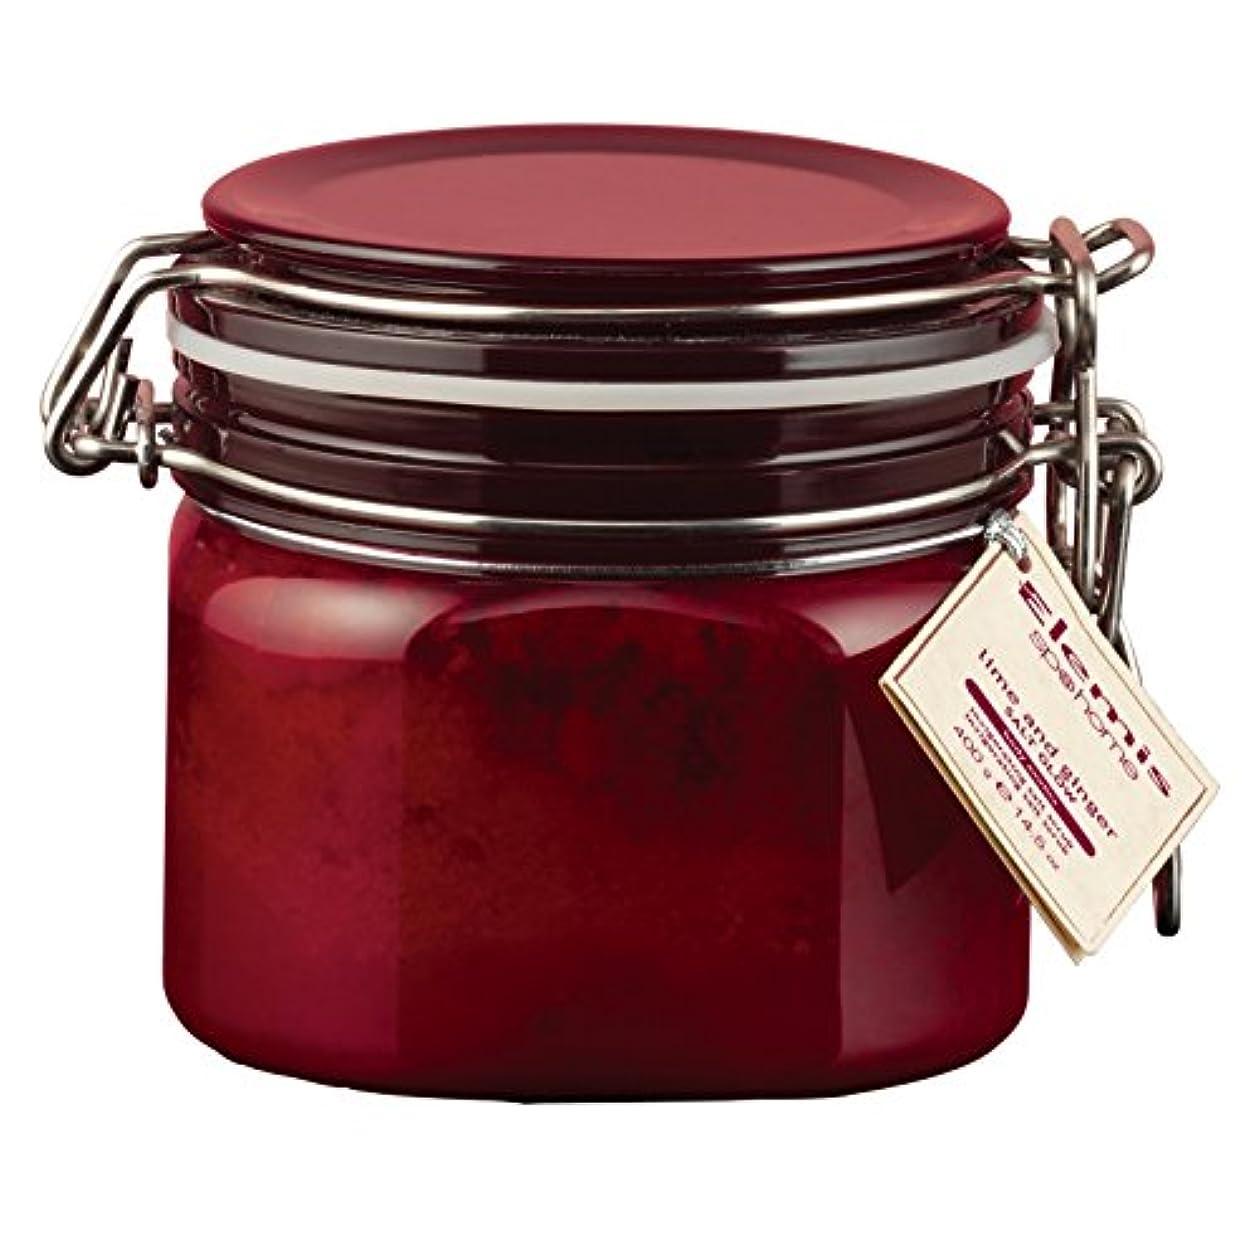 プリーツ弱い雇ったエレミスライムとジンジャーソルトグロー410グラム (Elemis) (x2) - Elemis Lime and Ginger Salt Glow 410g (Pack of 2) [並行輸入品]